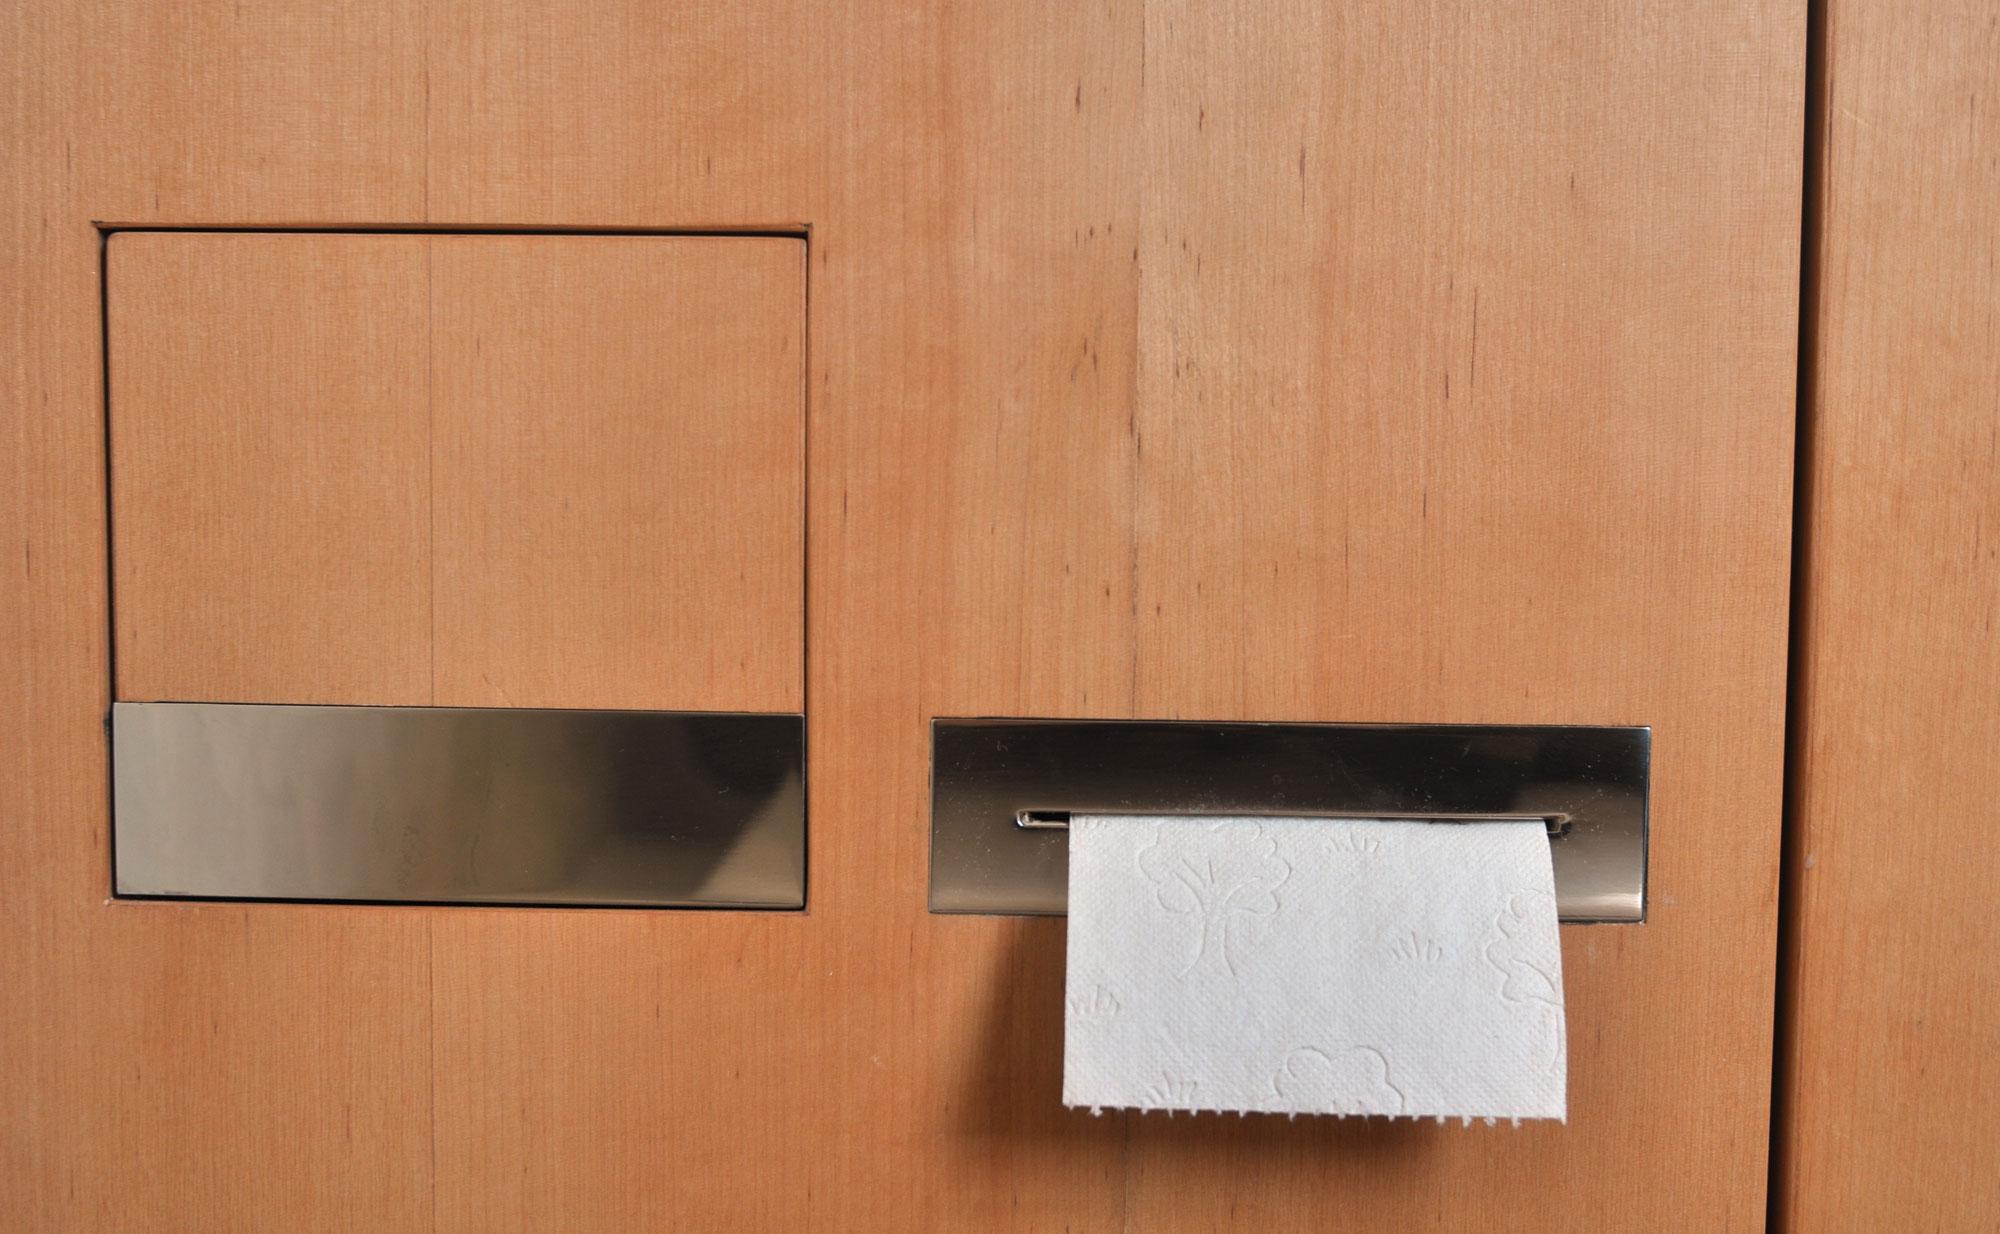 b der michael daschner schreinerei murnau. Black Bedroom Furniture Sets. Home Design Ideas